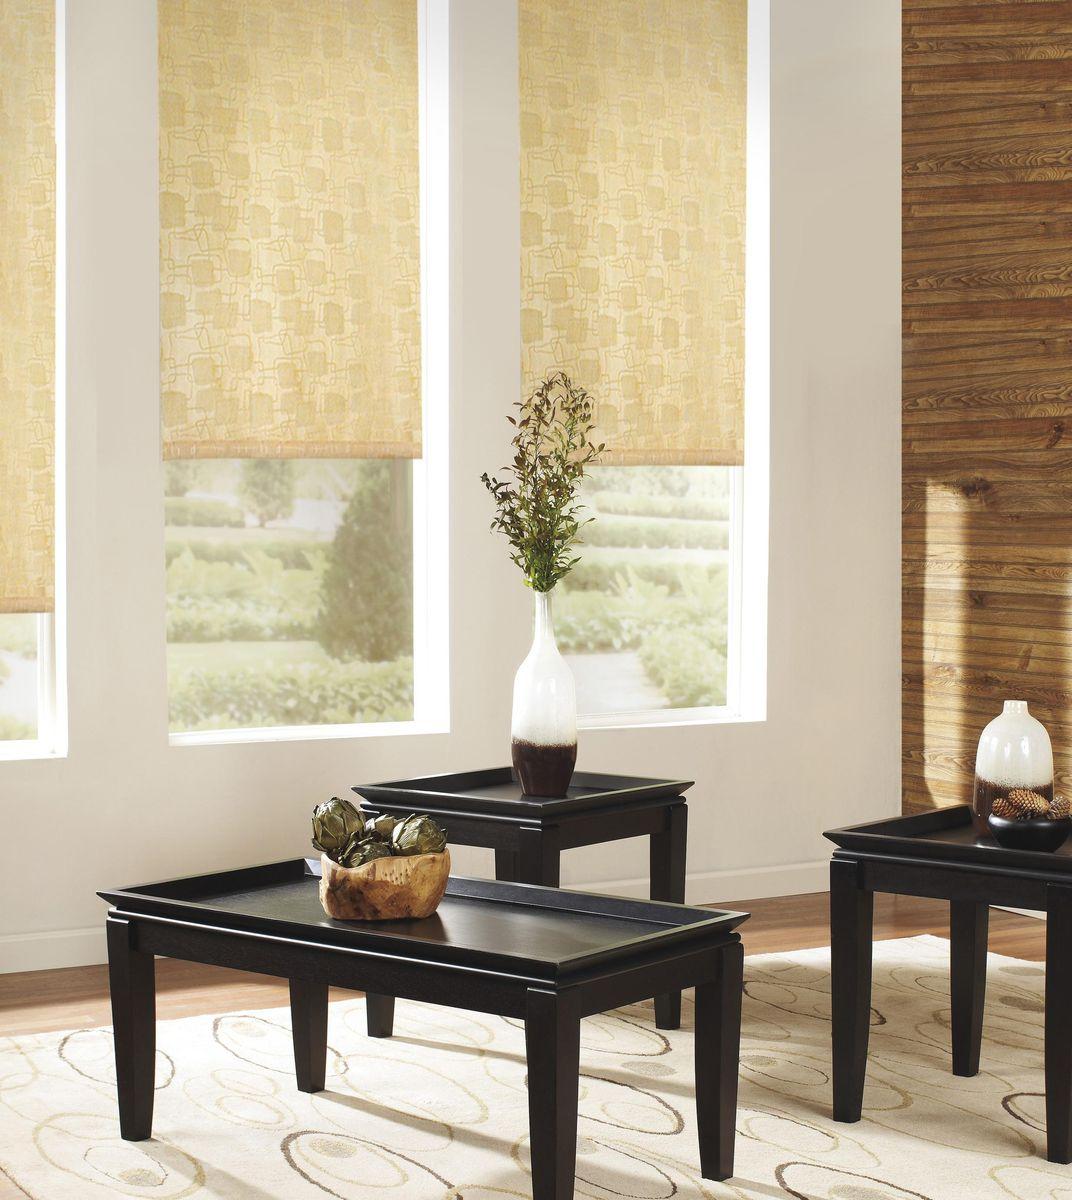 Штора рулонная Эскар Эдем, цвет: золотистый, ширина 130 см, высота 160 см87212130160Рулонными шторами можно оформлять окна как самостоятельно, так и использовать в комбинации с портьерами. Это поможет предотвратить выгорание дорогой ткани на солнце и соединит функционал рулонных с красотой навесных. Преимущества применения рулонных штор для пластиковых окон: - имеют прекрасный внешний вид: многообразие и фактурность материала изделия отлично смотрятся в любом интерьере; - многофункциональны: есть возможность подобрать шторы способные эффективно защитить комнату от солнца, при этом она не будет слишком темной. - Есть возможность осуществить быстрый монтаж. ВНИМАНИЕ! Размеры ширины изделия указаны по ширине ткани! Во время эксплуатации не рекомендуется полностью разматывать рулон, чтобы не оторвать ткань от намоточного вала. В случае загрязнения поверхности ткани, чистку шторы проводят одним из способов, в зависимости от типа загрязнения: легкое поверхностное загрязнение можно удалить при помощи канцелярского ластика; чистка от пыли производится сухим методом при...